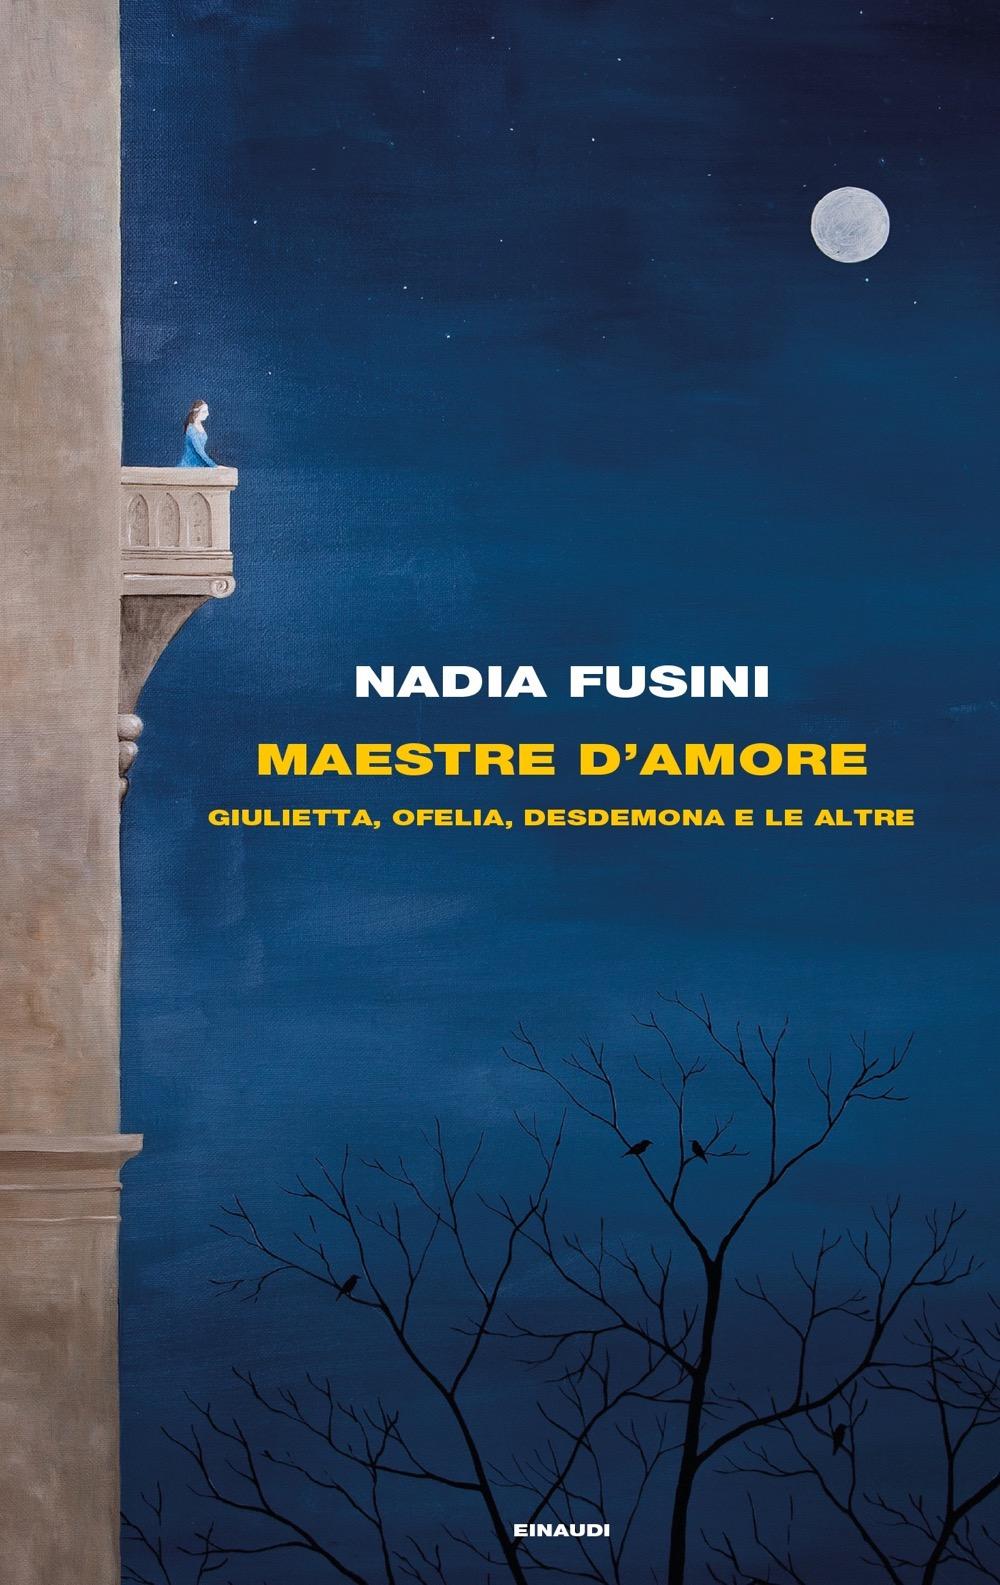 Nadia Fusini Maestre amore Shakespeare